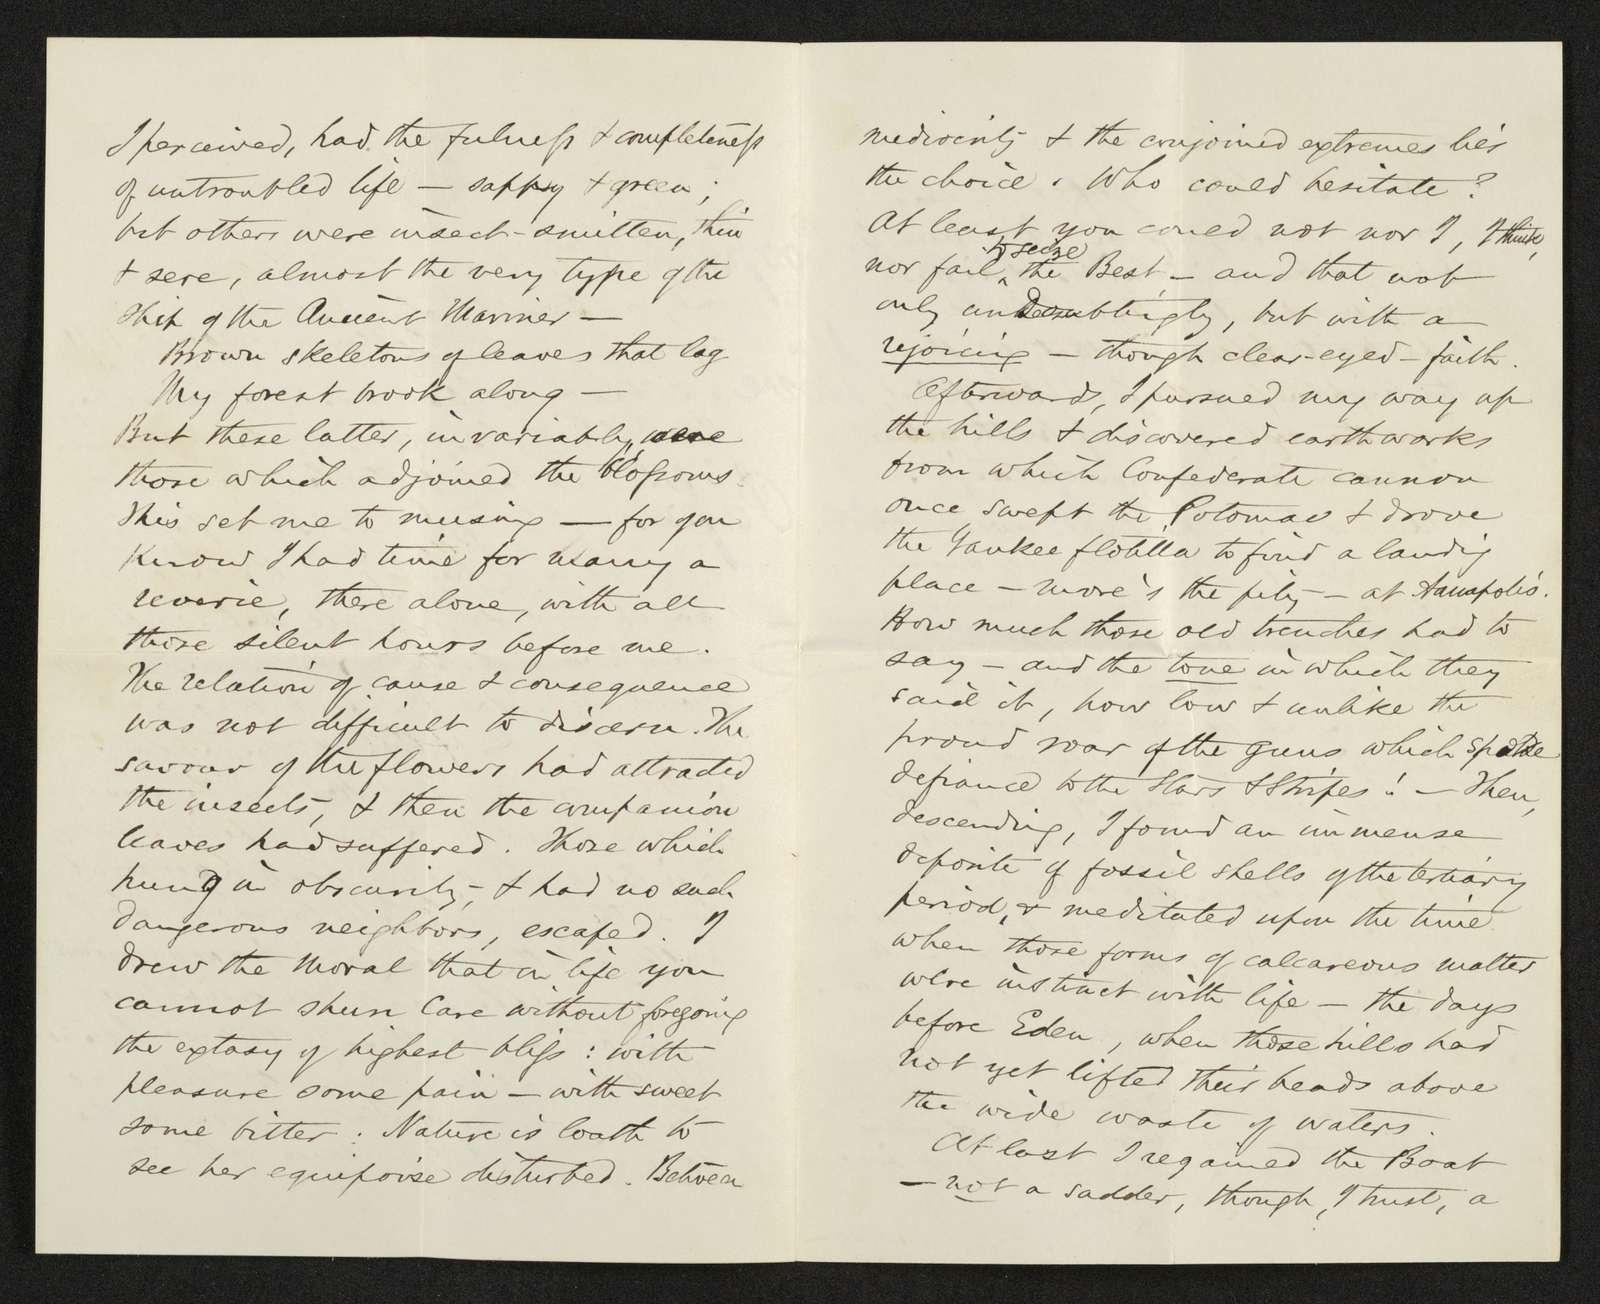 Lewis H. Machen Family Papers: Machen-Gresham Correspondence, 1871-1889; Machen, Arthur W., to Gresham, Minnie; 1871